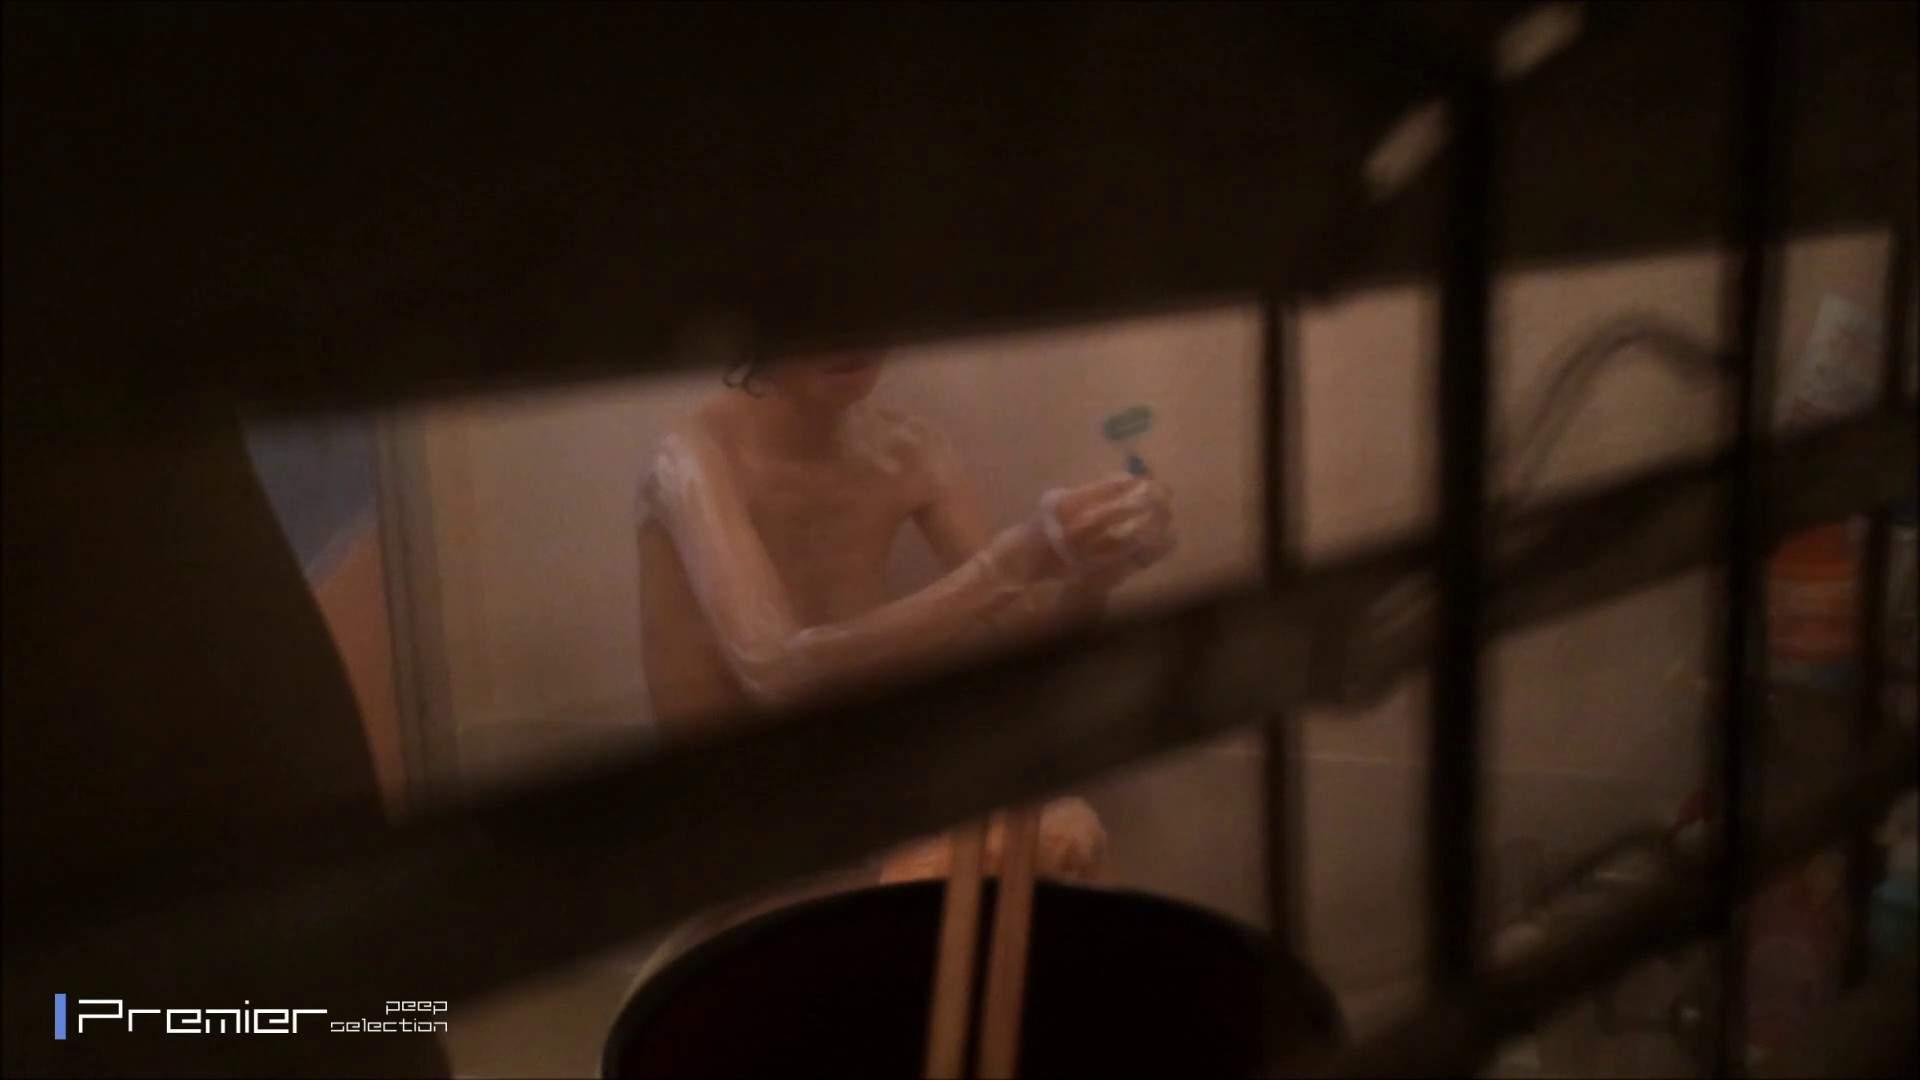 高画質フルハイビジョン スレンダー美女の入浴 乙女の風呂場 Vol.04 OLハメ撮り  94Pix 62